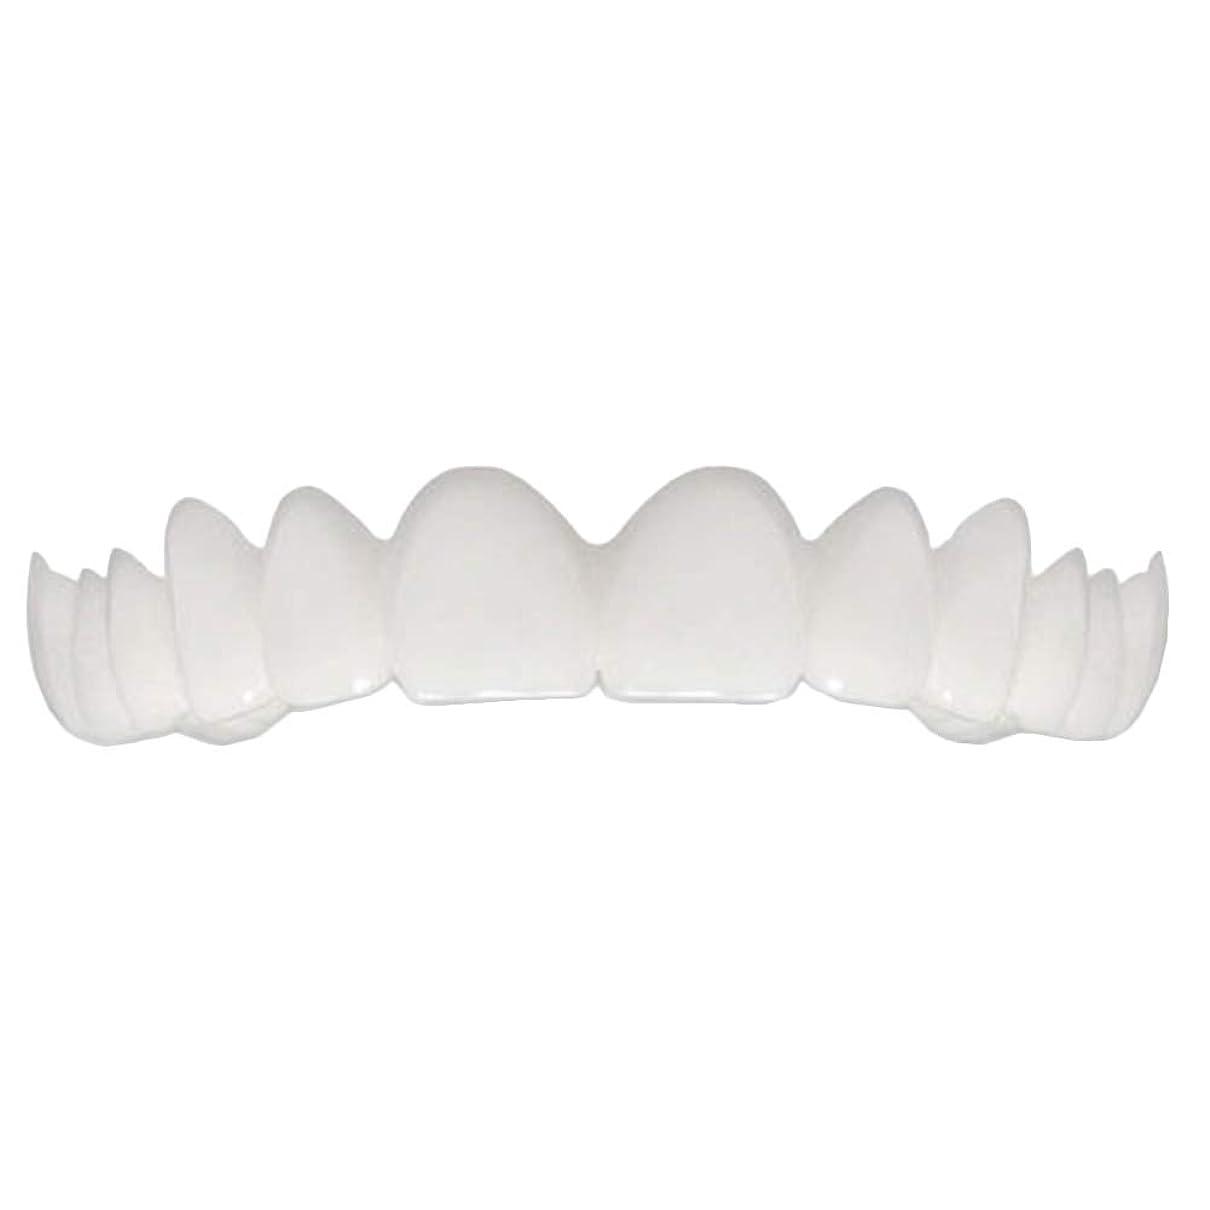 びっくりした黒人アンタゴニストユニセックスシリコン模擬義歯、ホワイトニングフィット義歯(1pcs),Upper